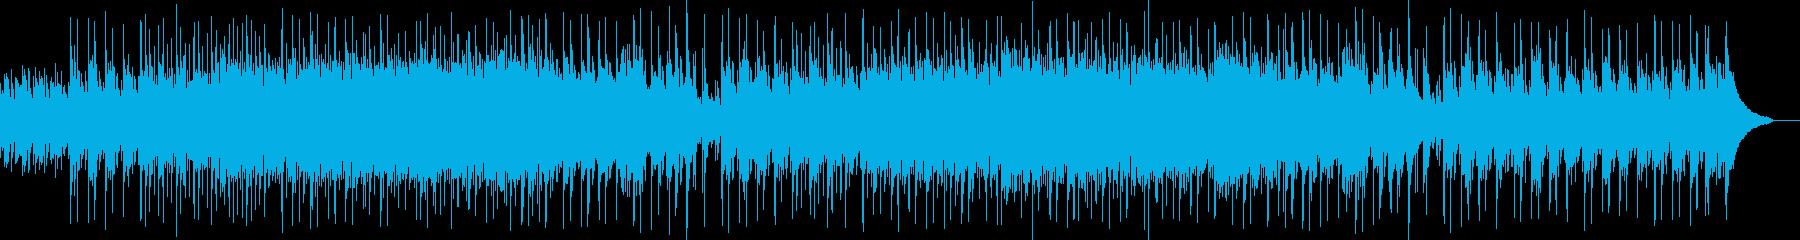 ポジティブイメージなピアノバンドサウンドの再生済みの波形